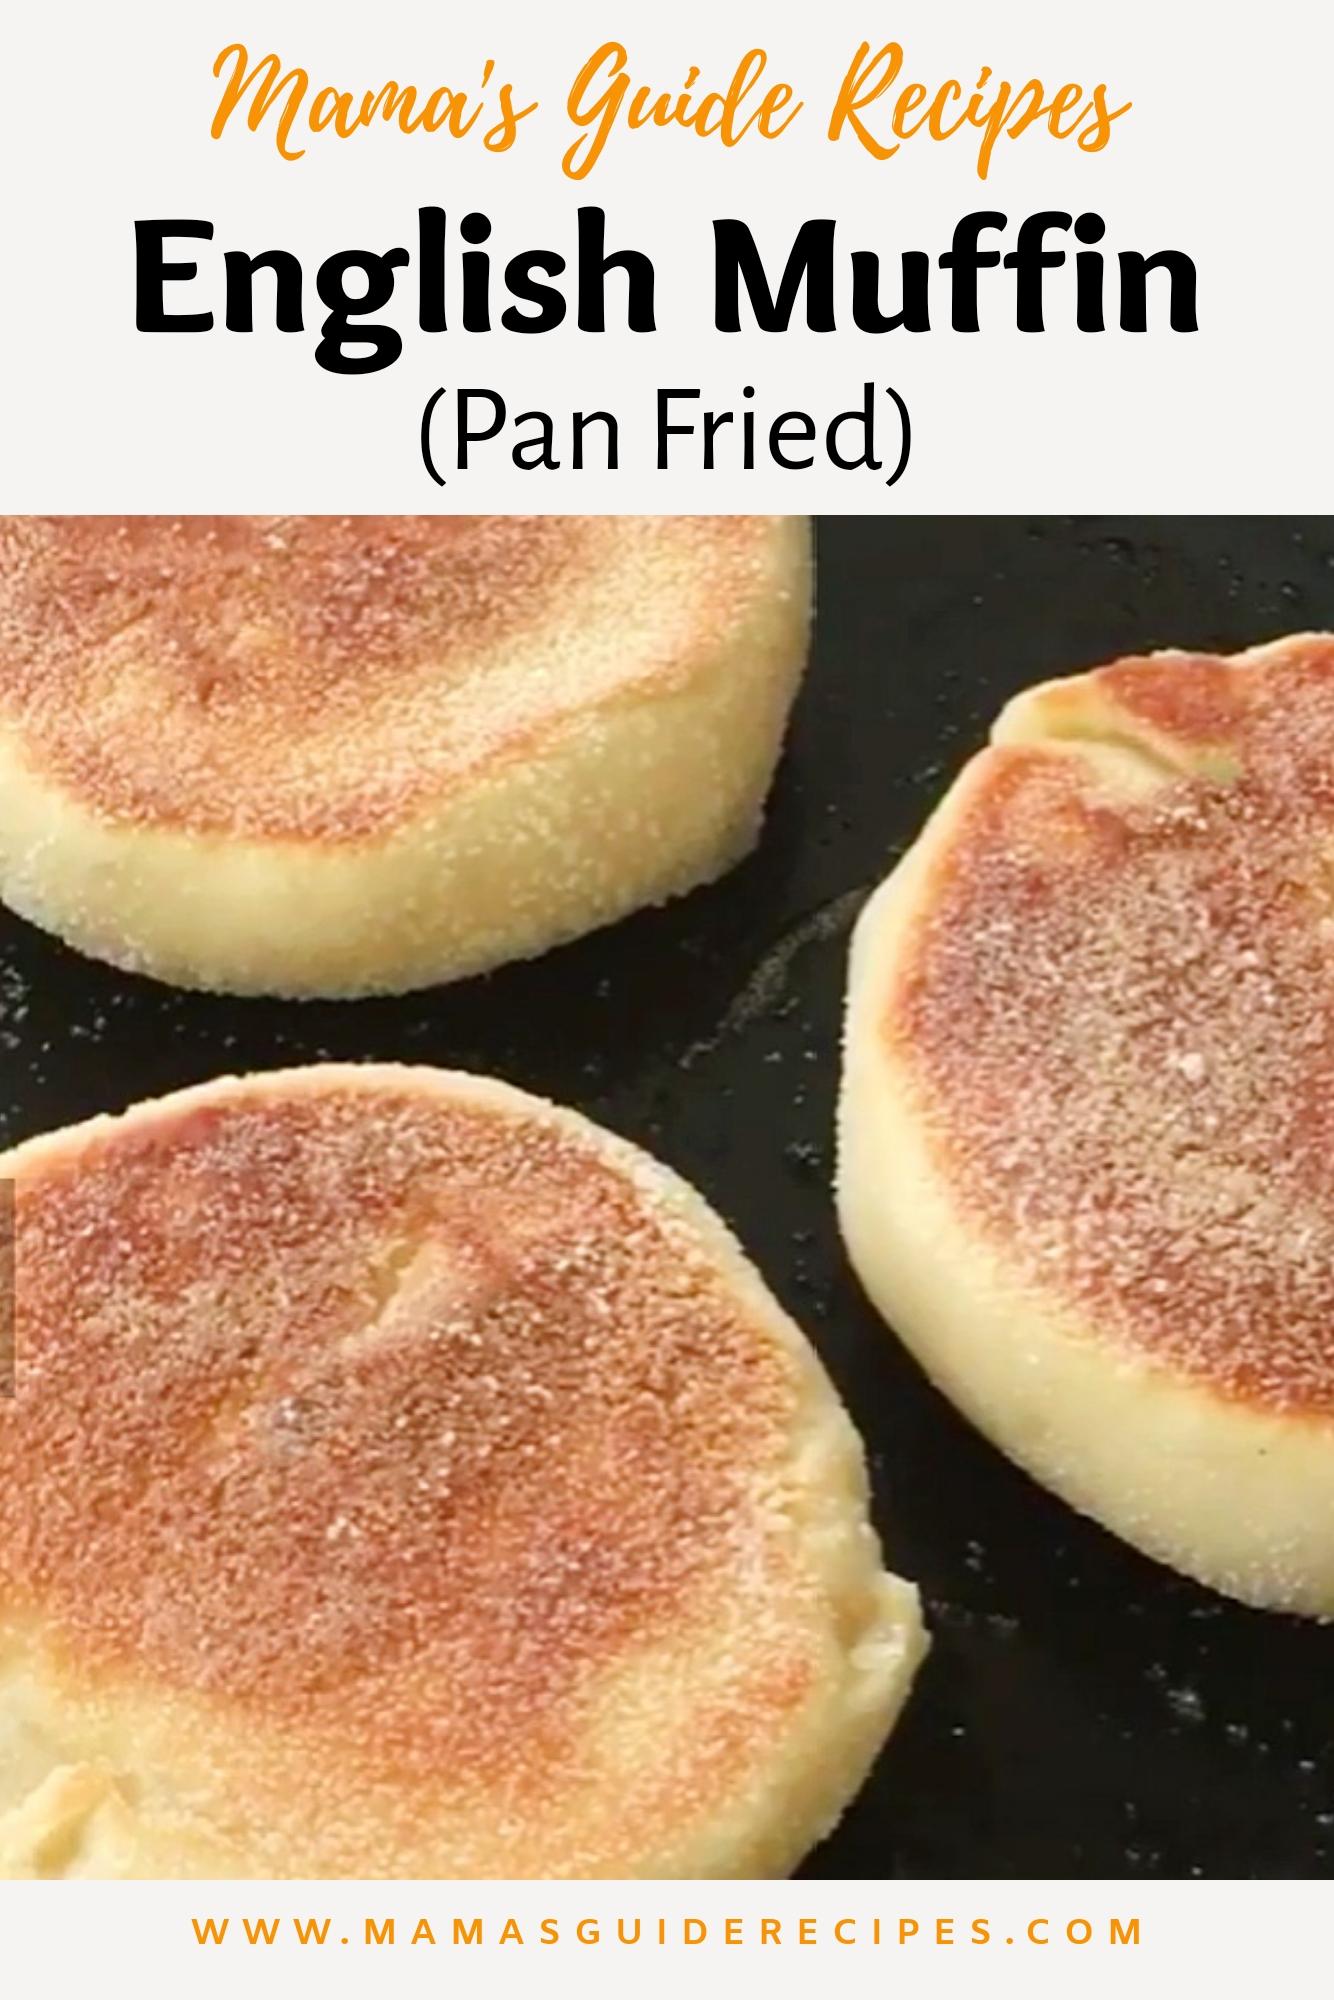 English Muffin (Fried)